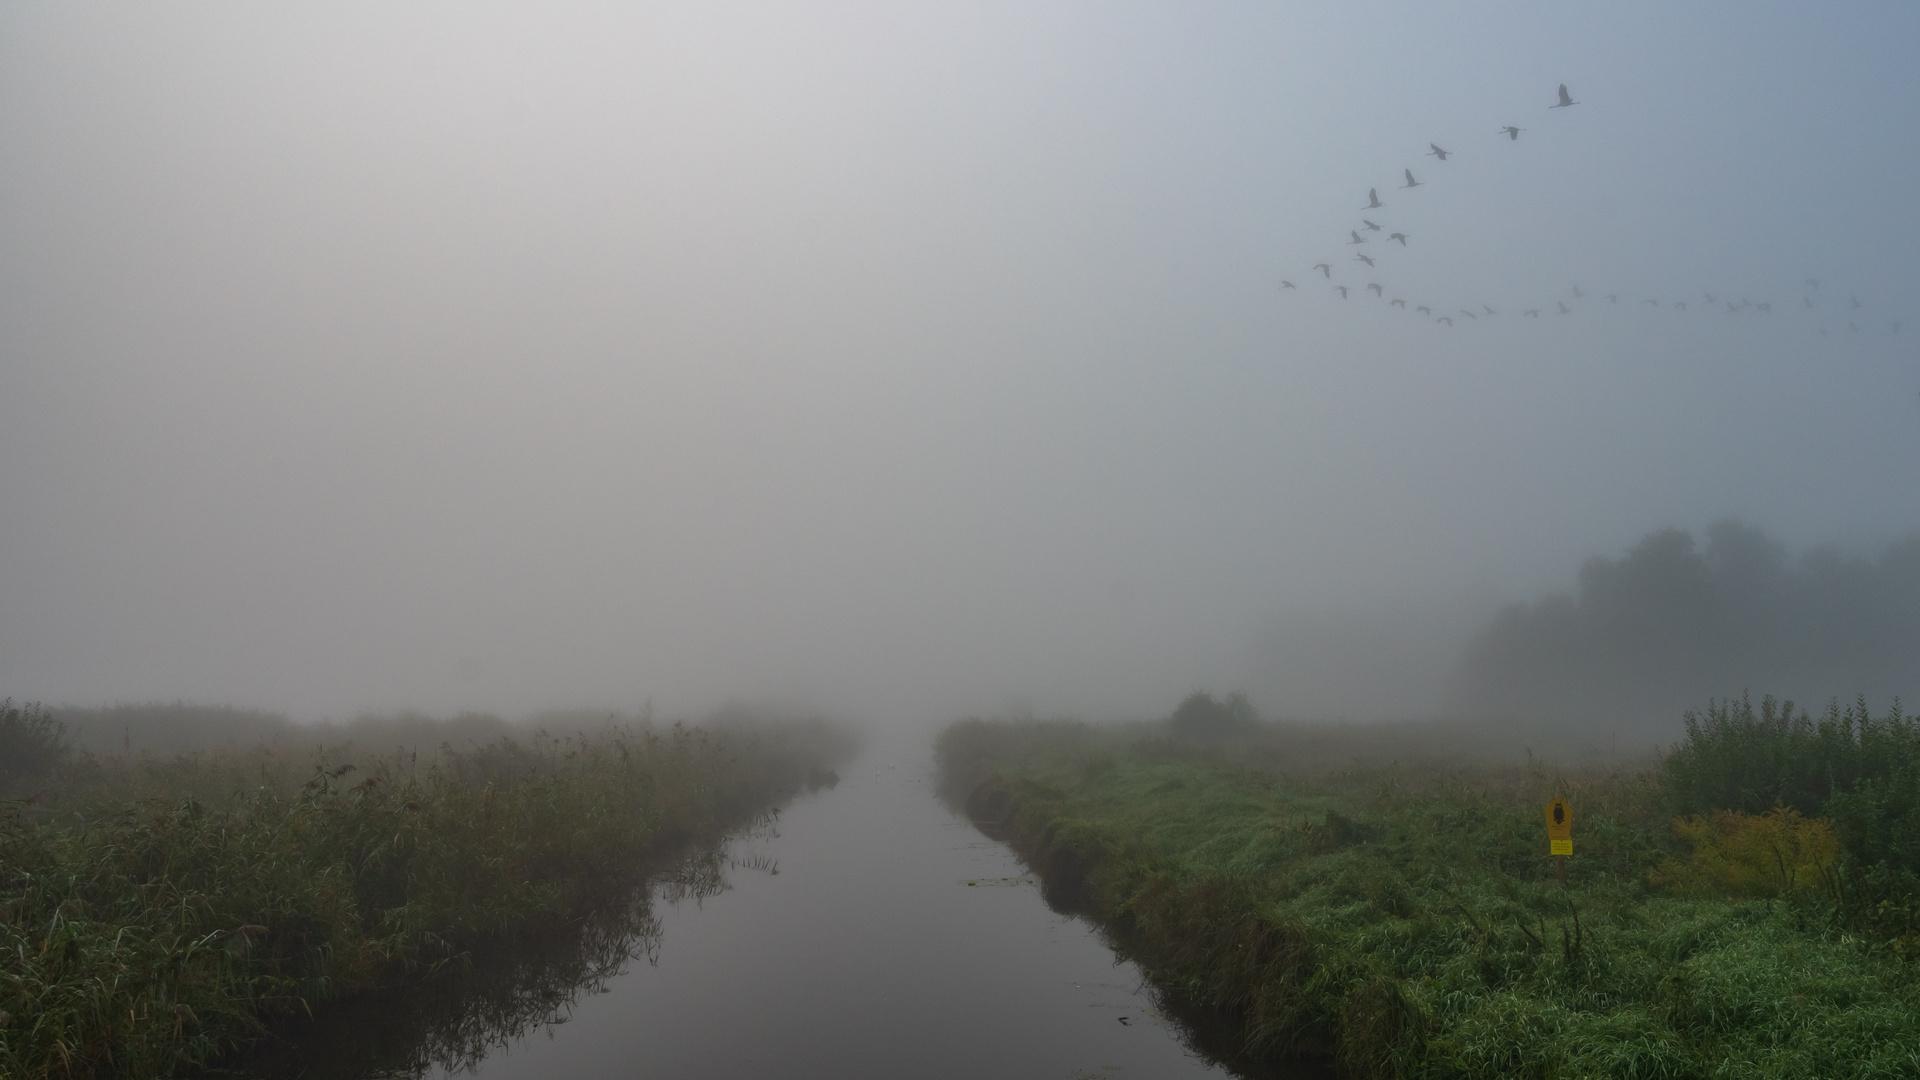 Kein Wetter für Wildlife-Fotografen